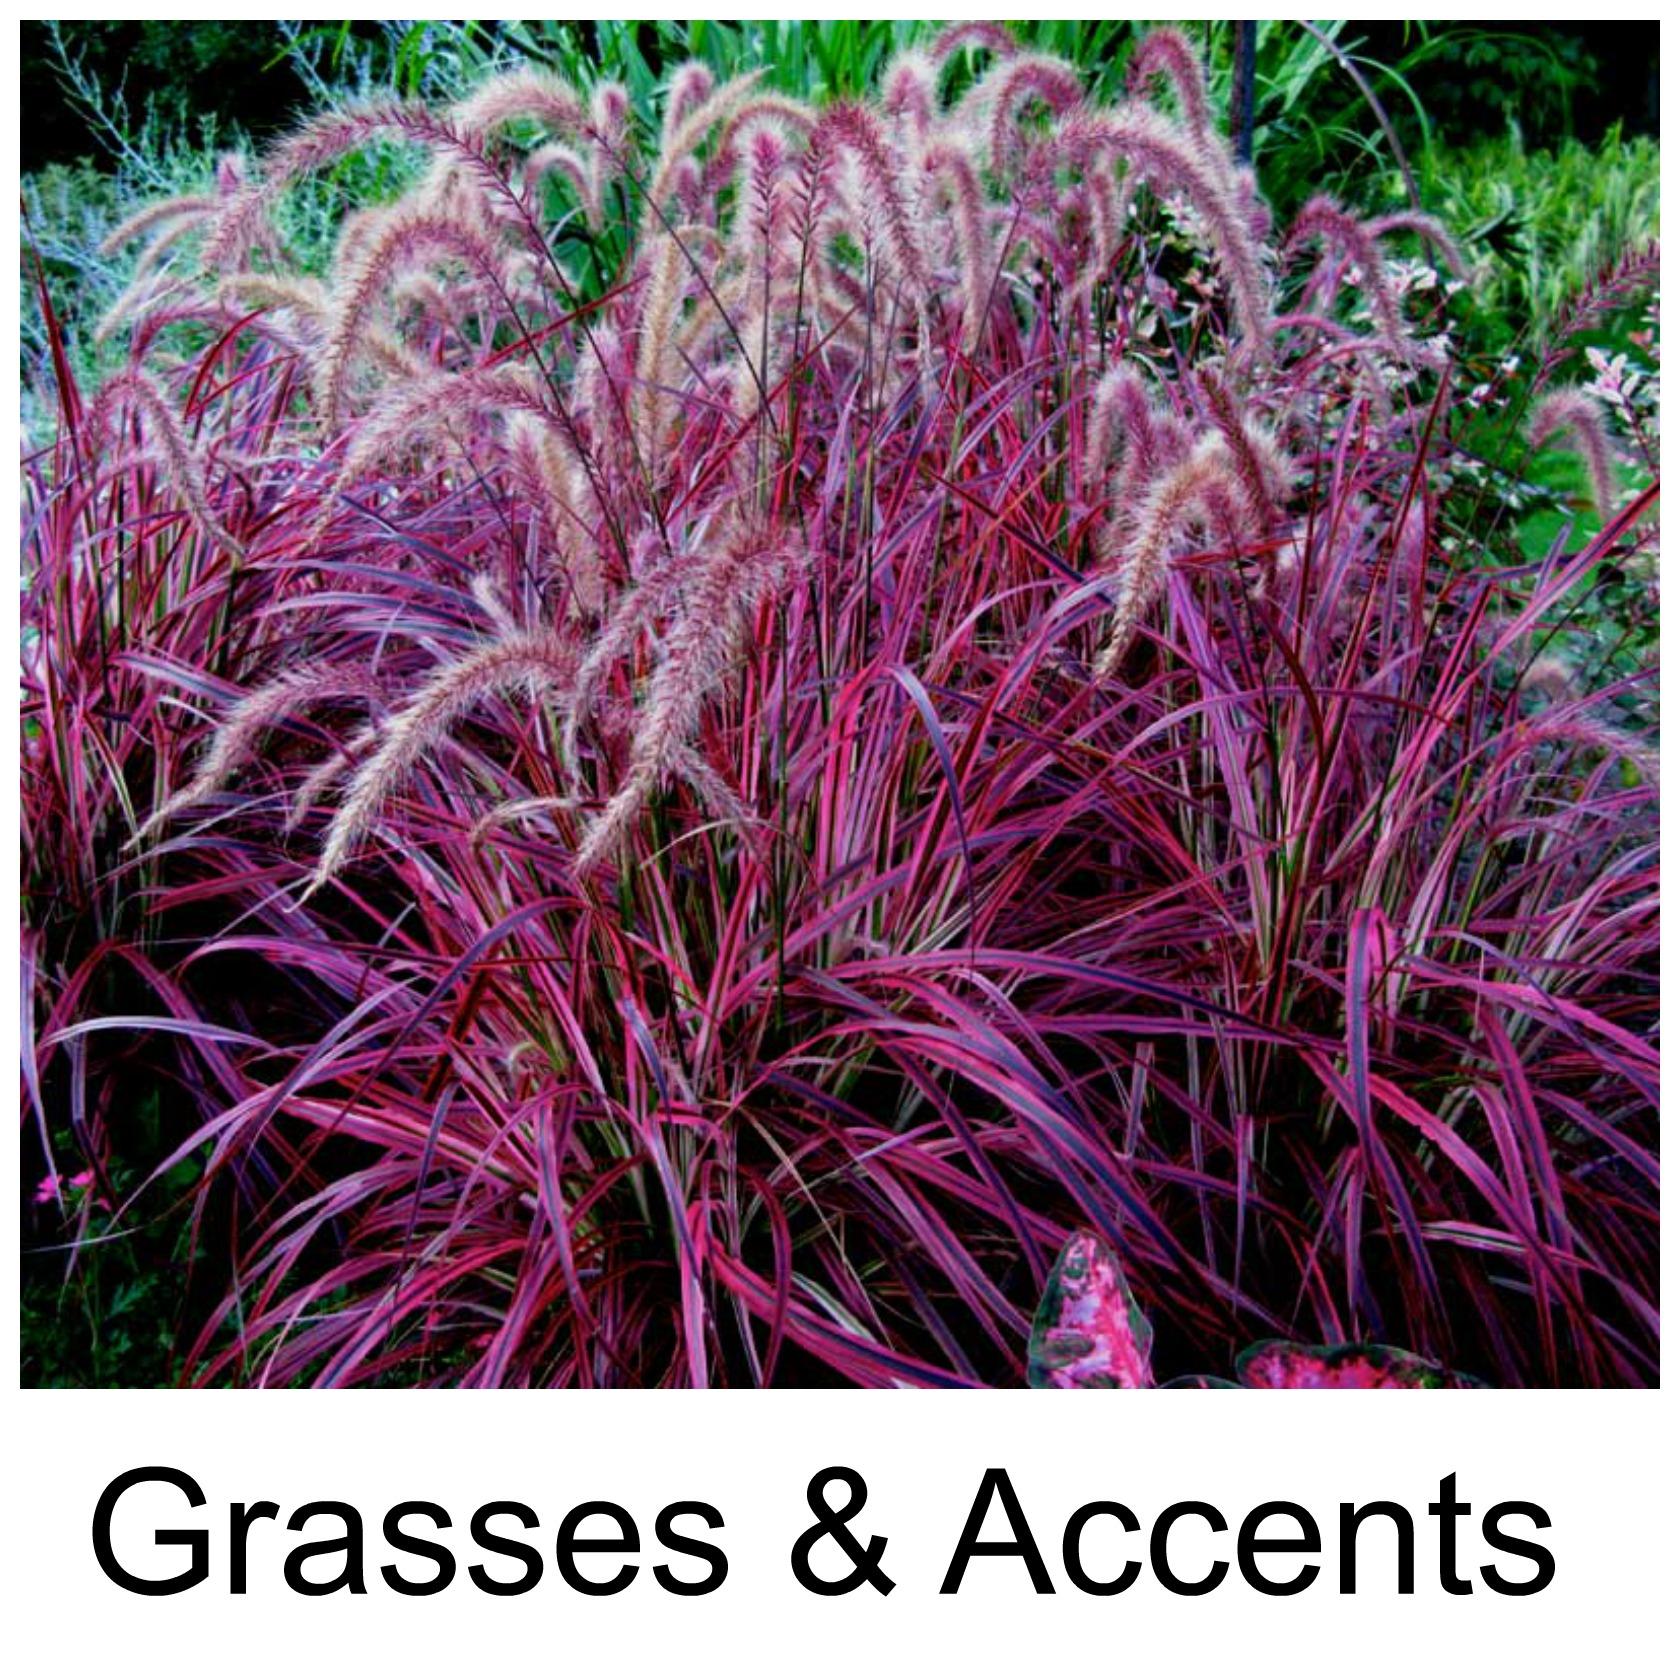 grasses3.jpg